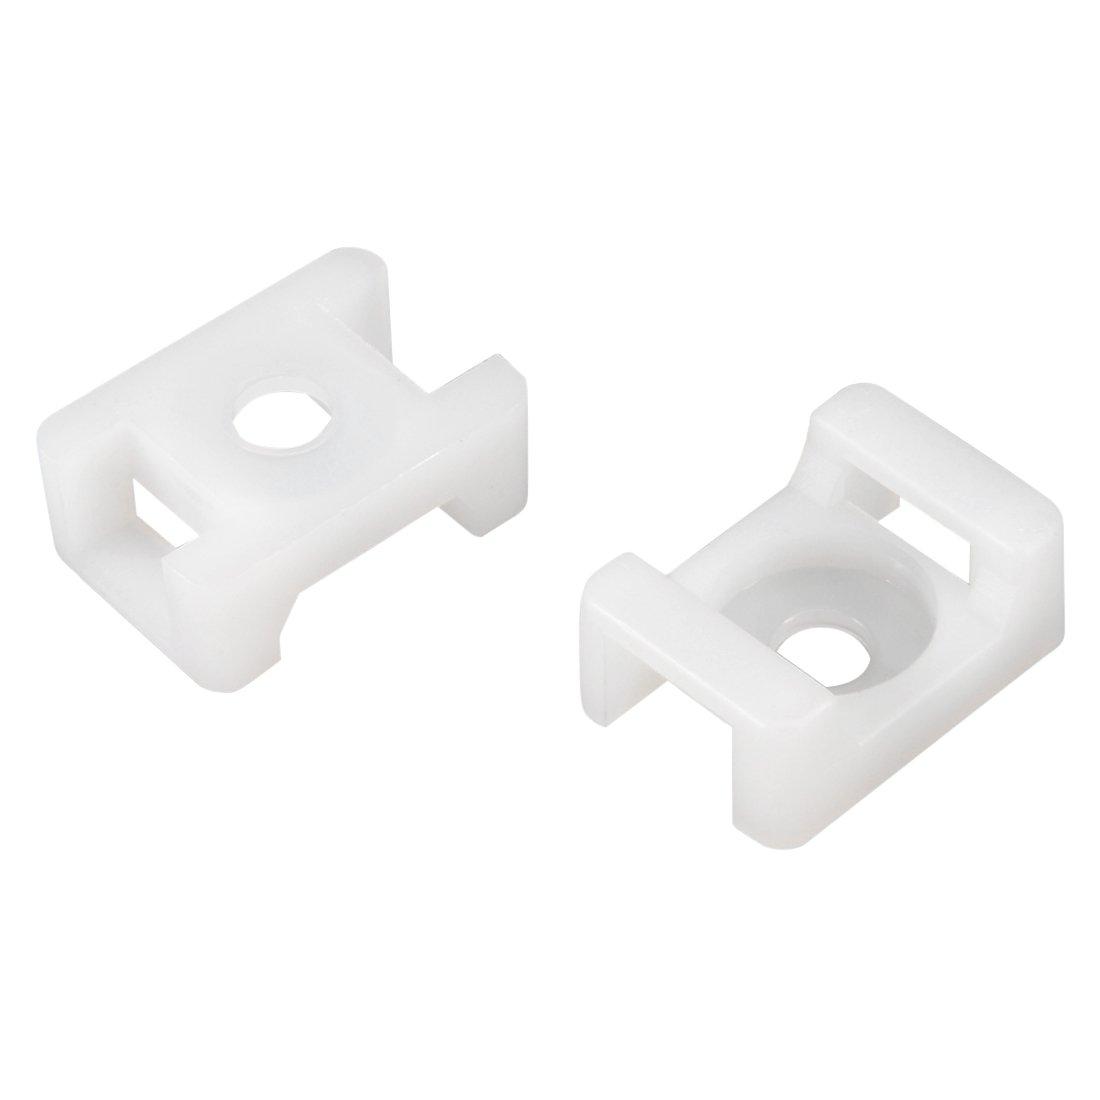 QualGear CM2-W-100-P Cable Tie Mount, White